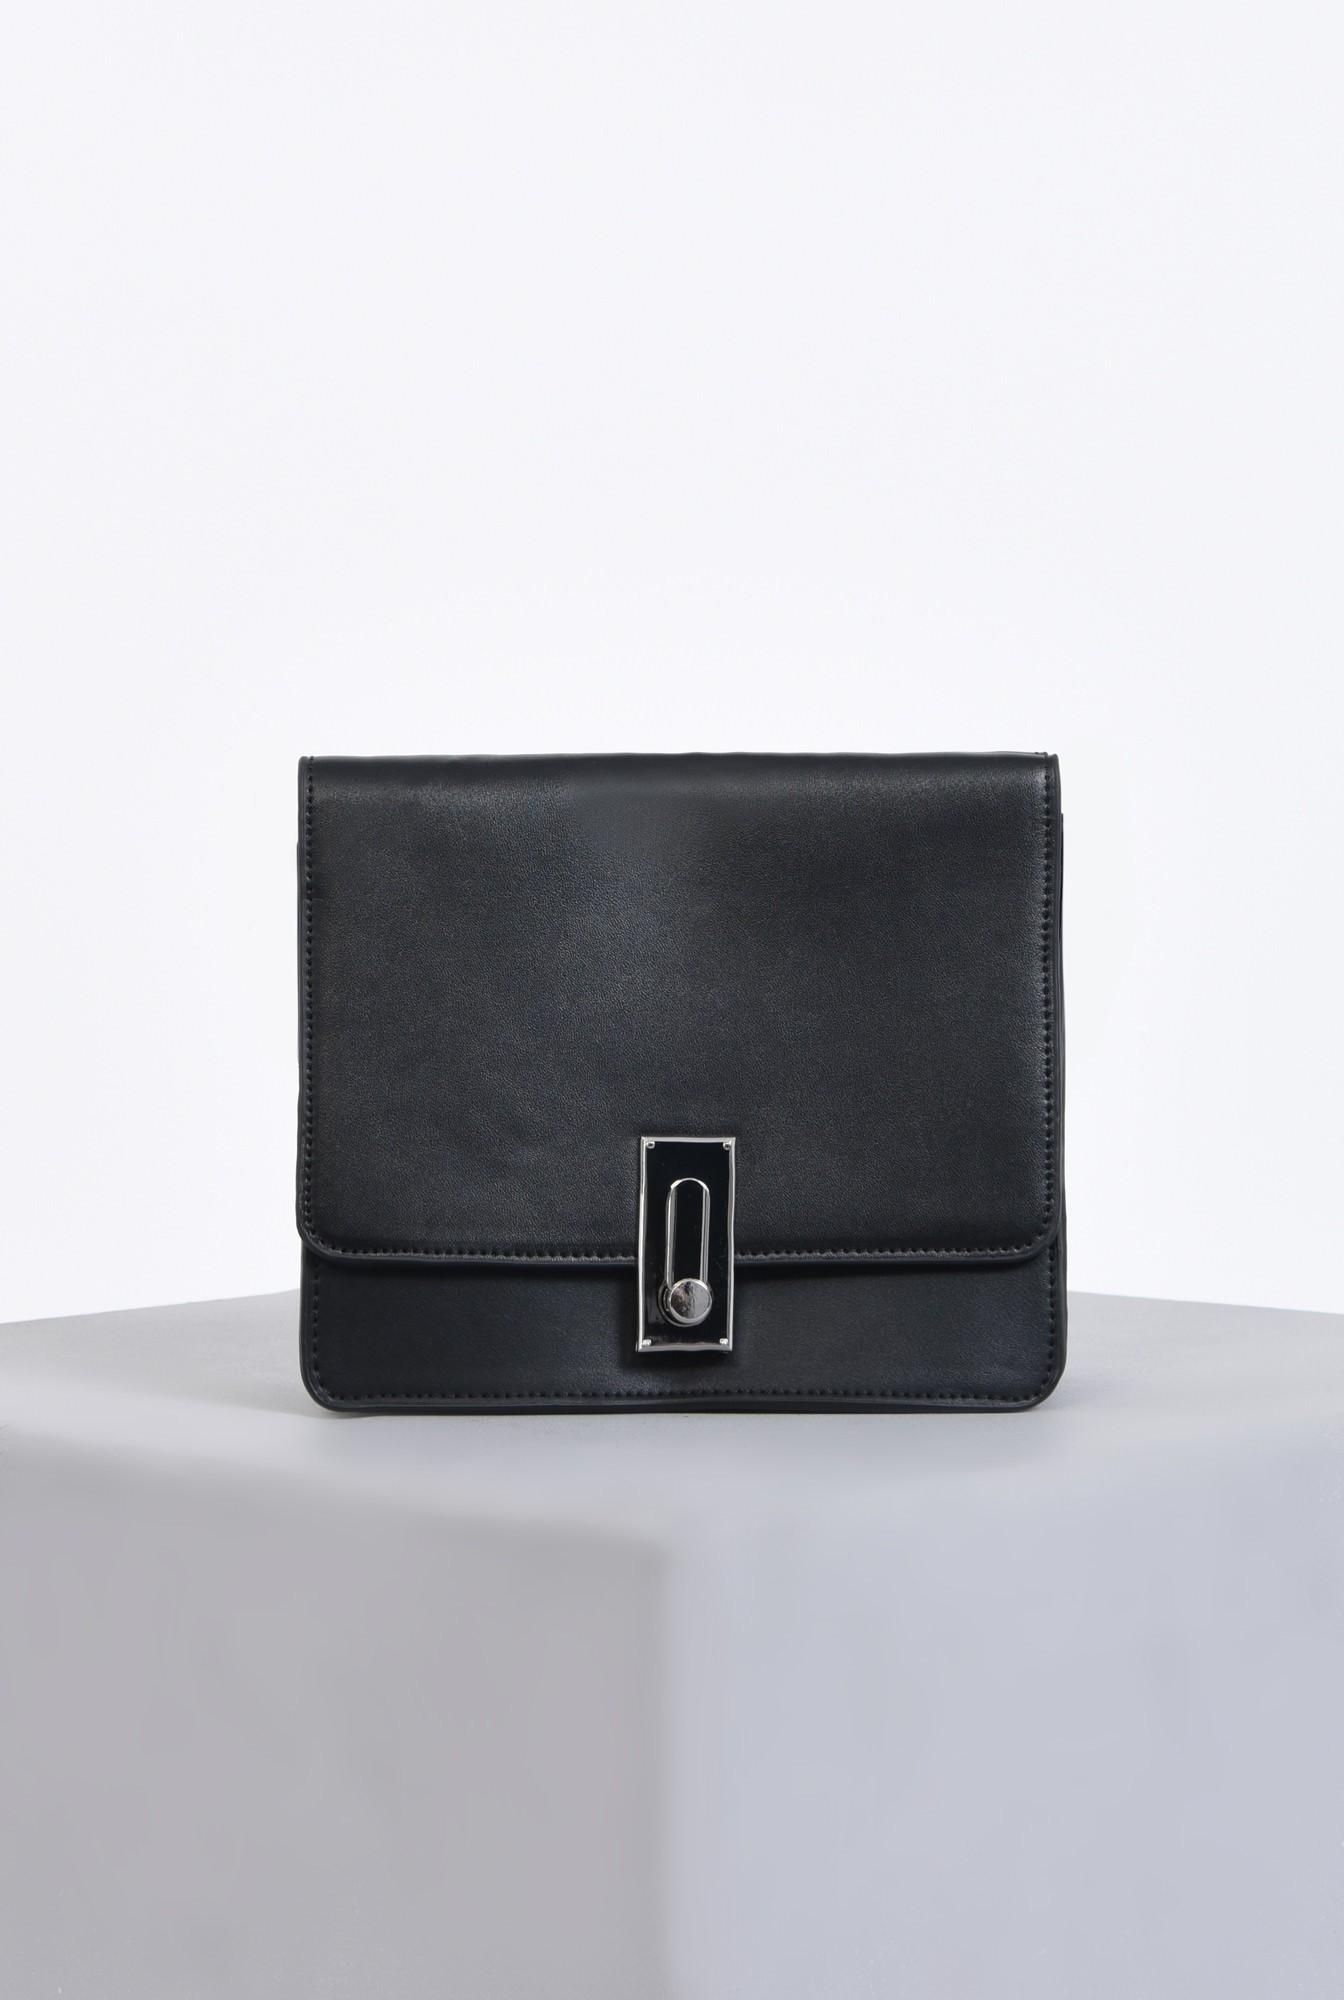 0 - geanta casual, negru, mini, accesorii